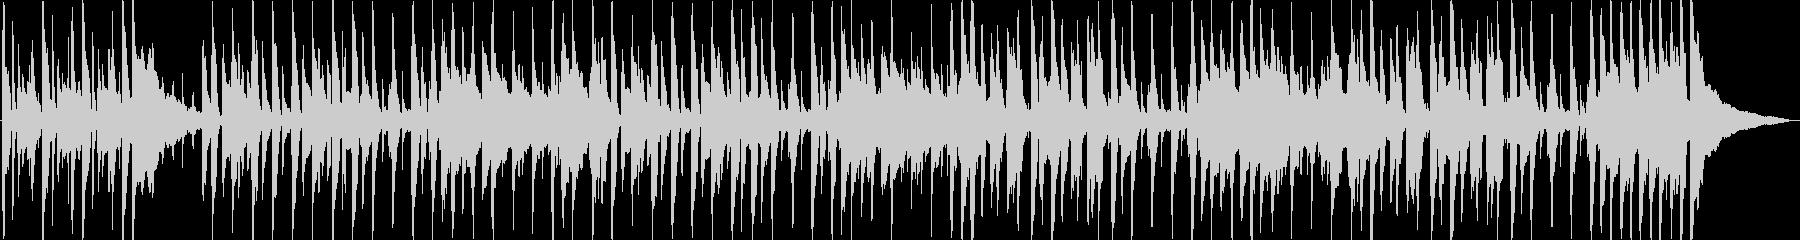 アコースティックギターのリズムとメ...の未再生の波形